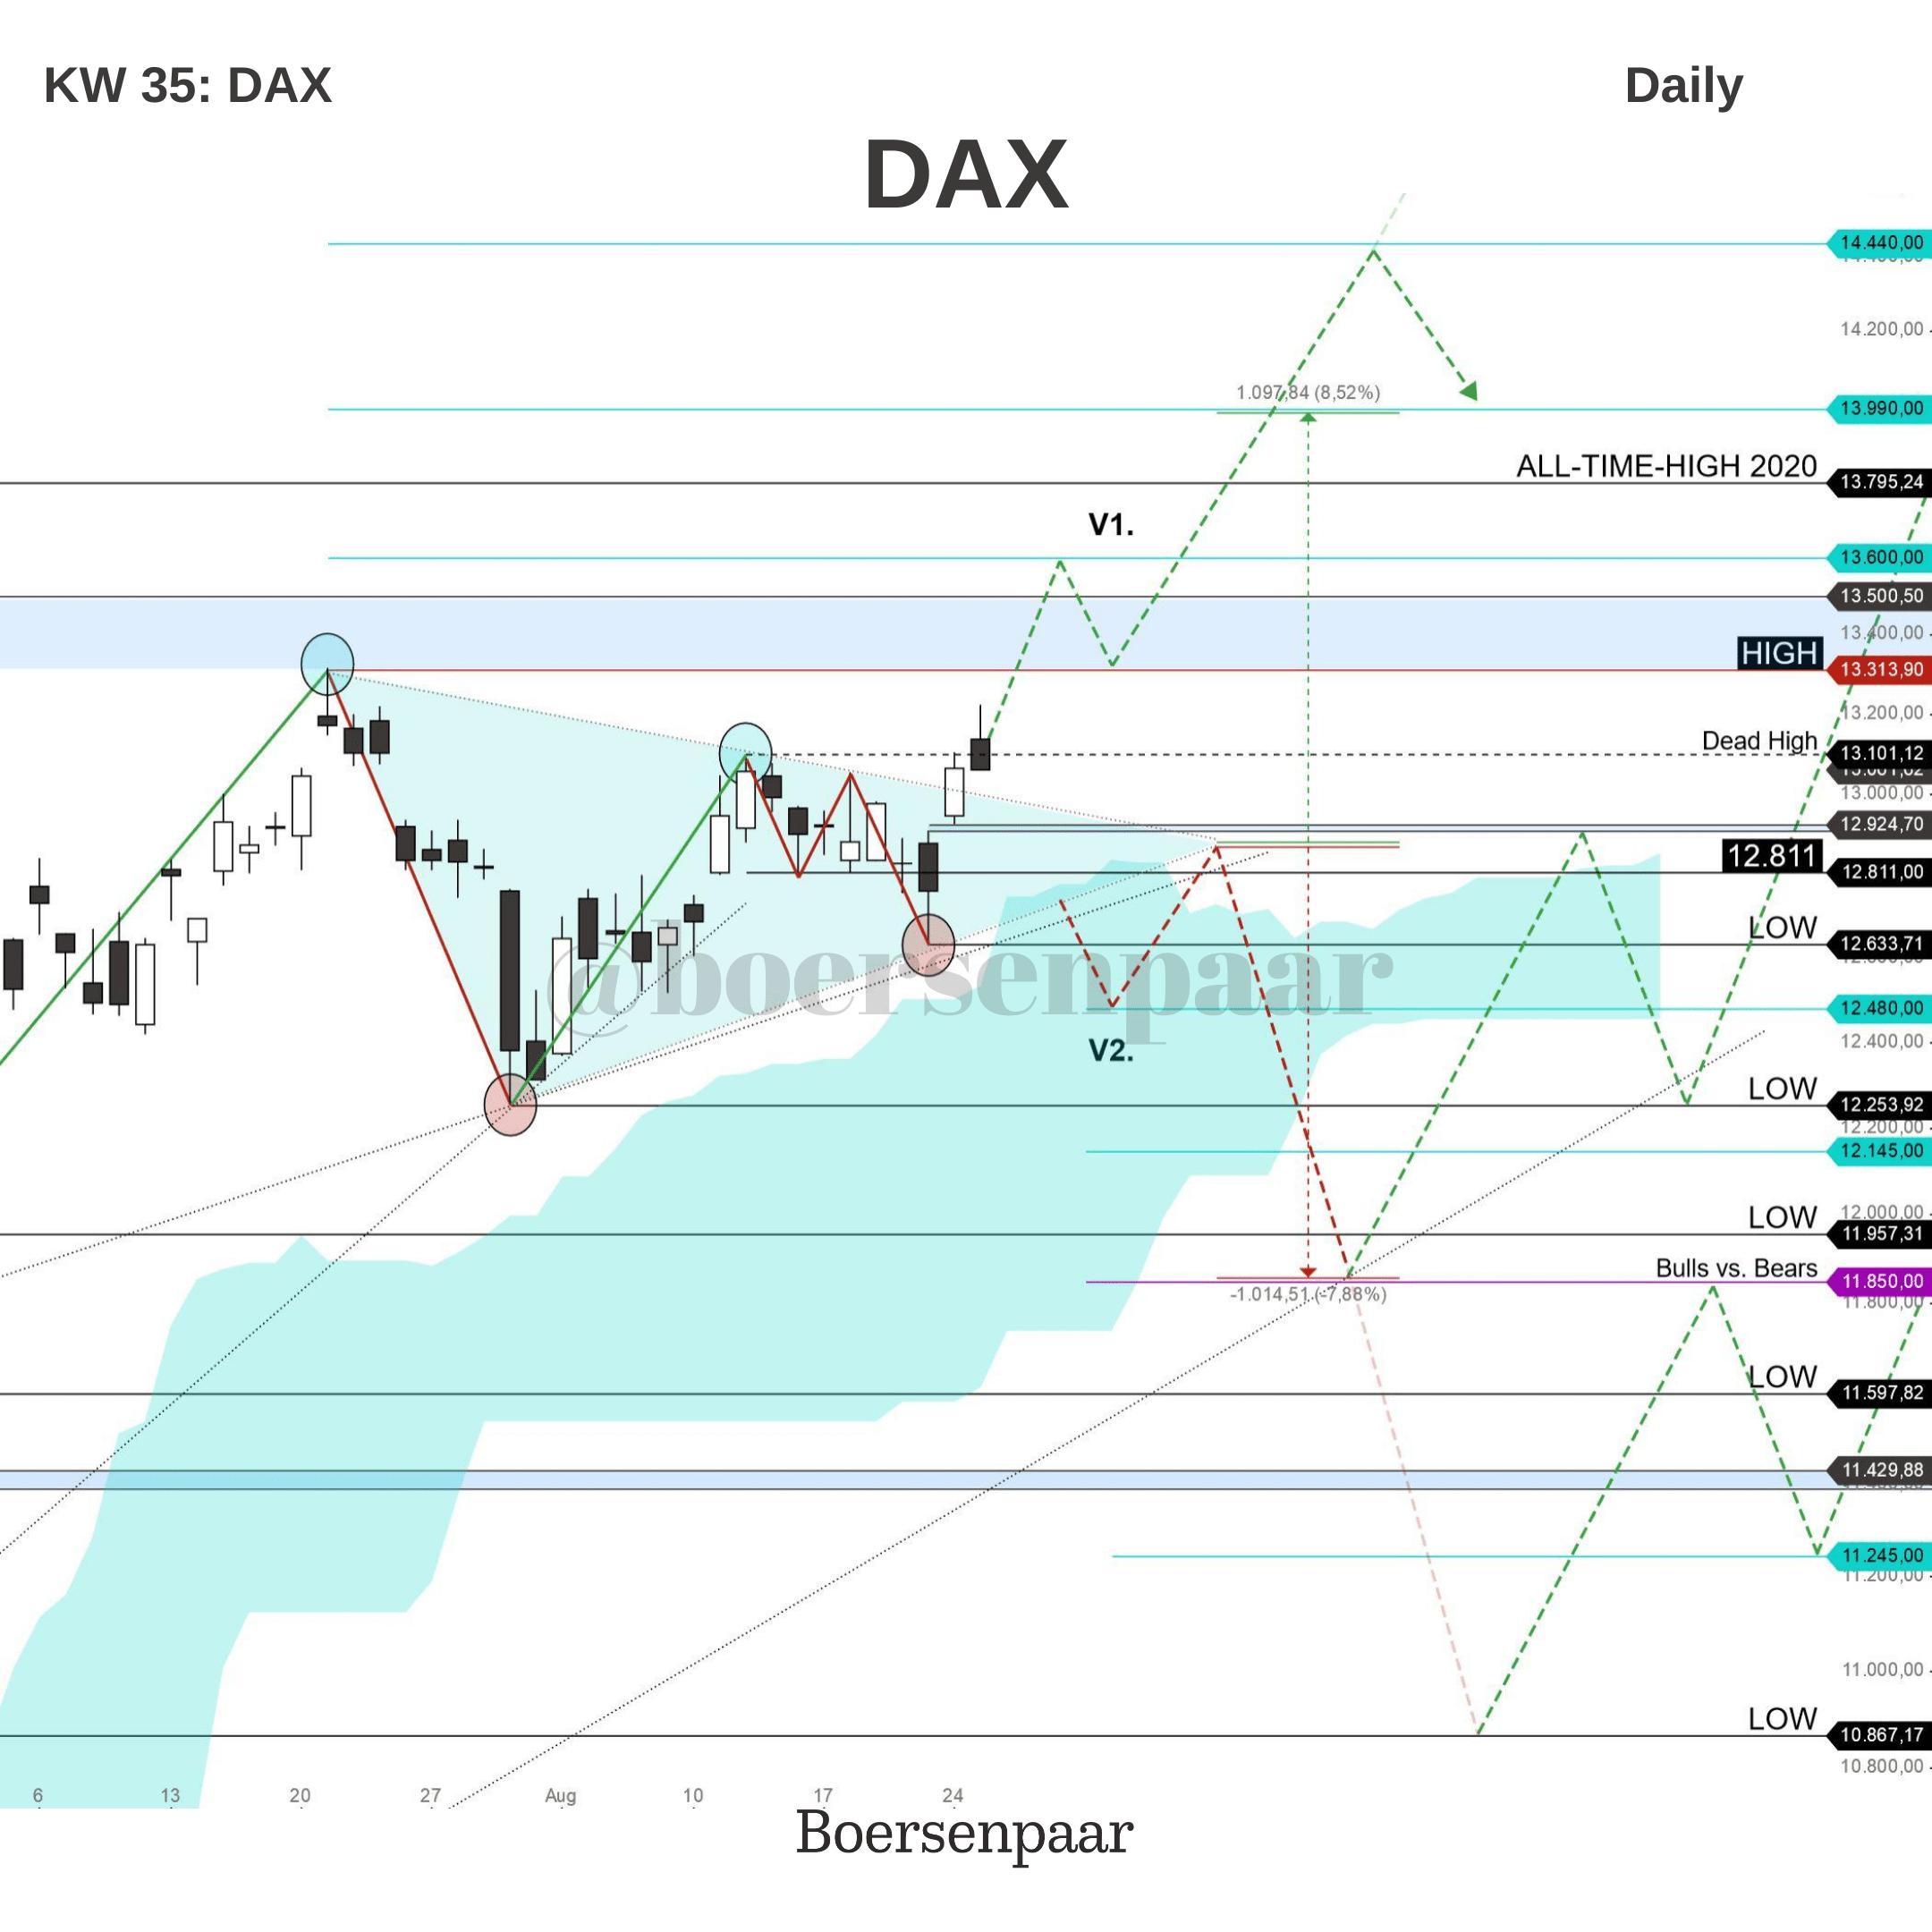 DAX Analyse - KW 35